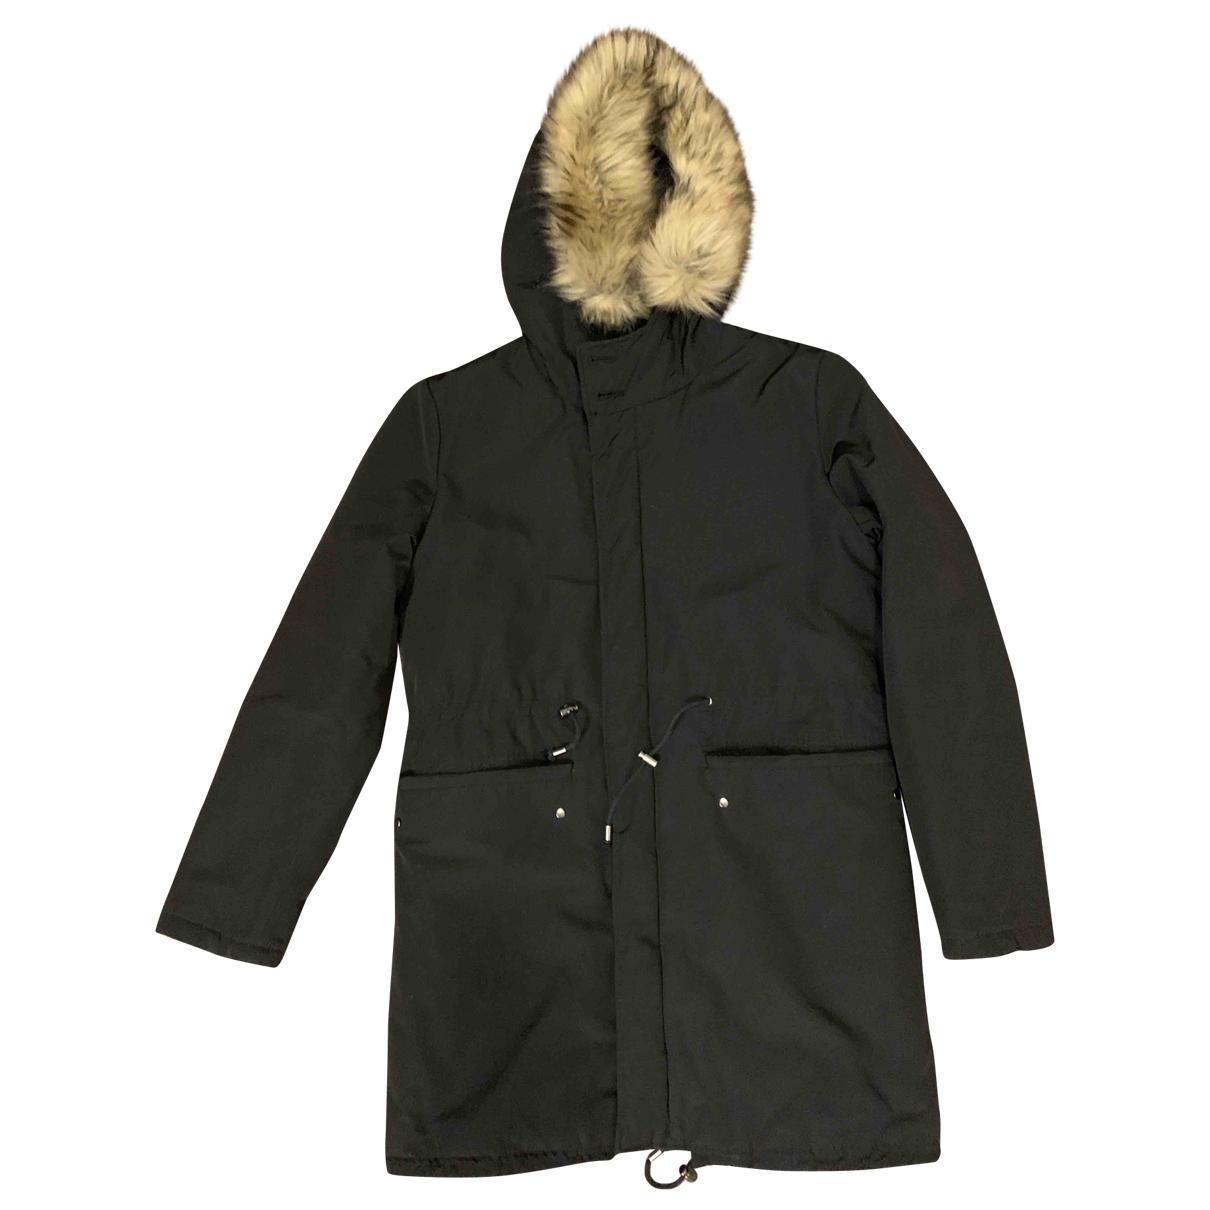 Zara \N Black Cotton coat  for Men S International